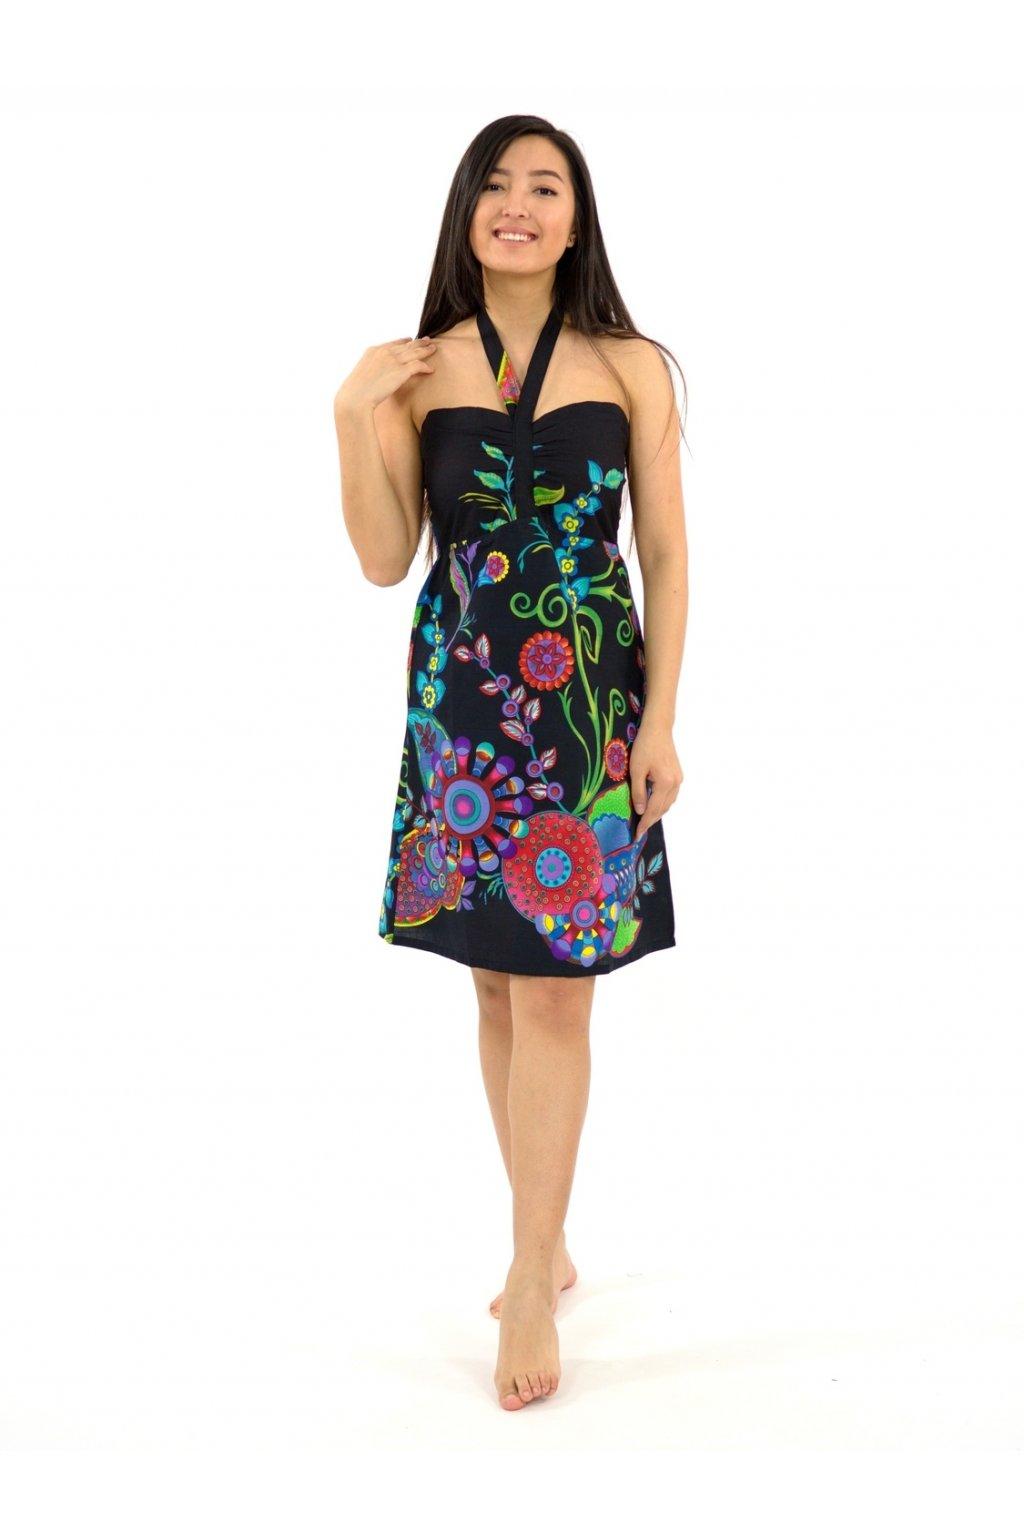 Šaty za krk Indu - černé s květinami